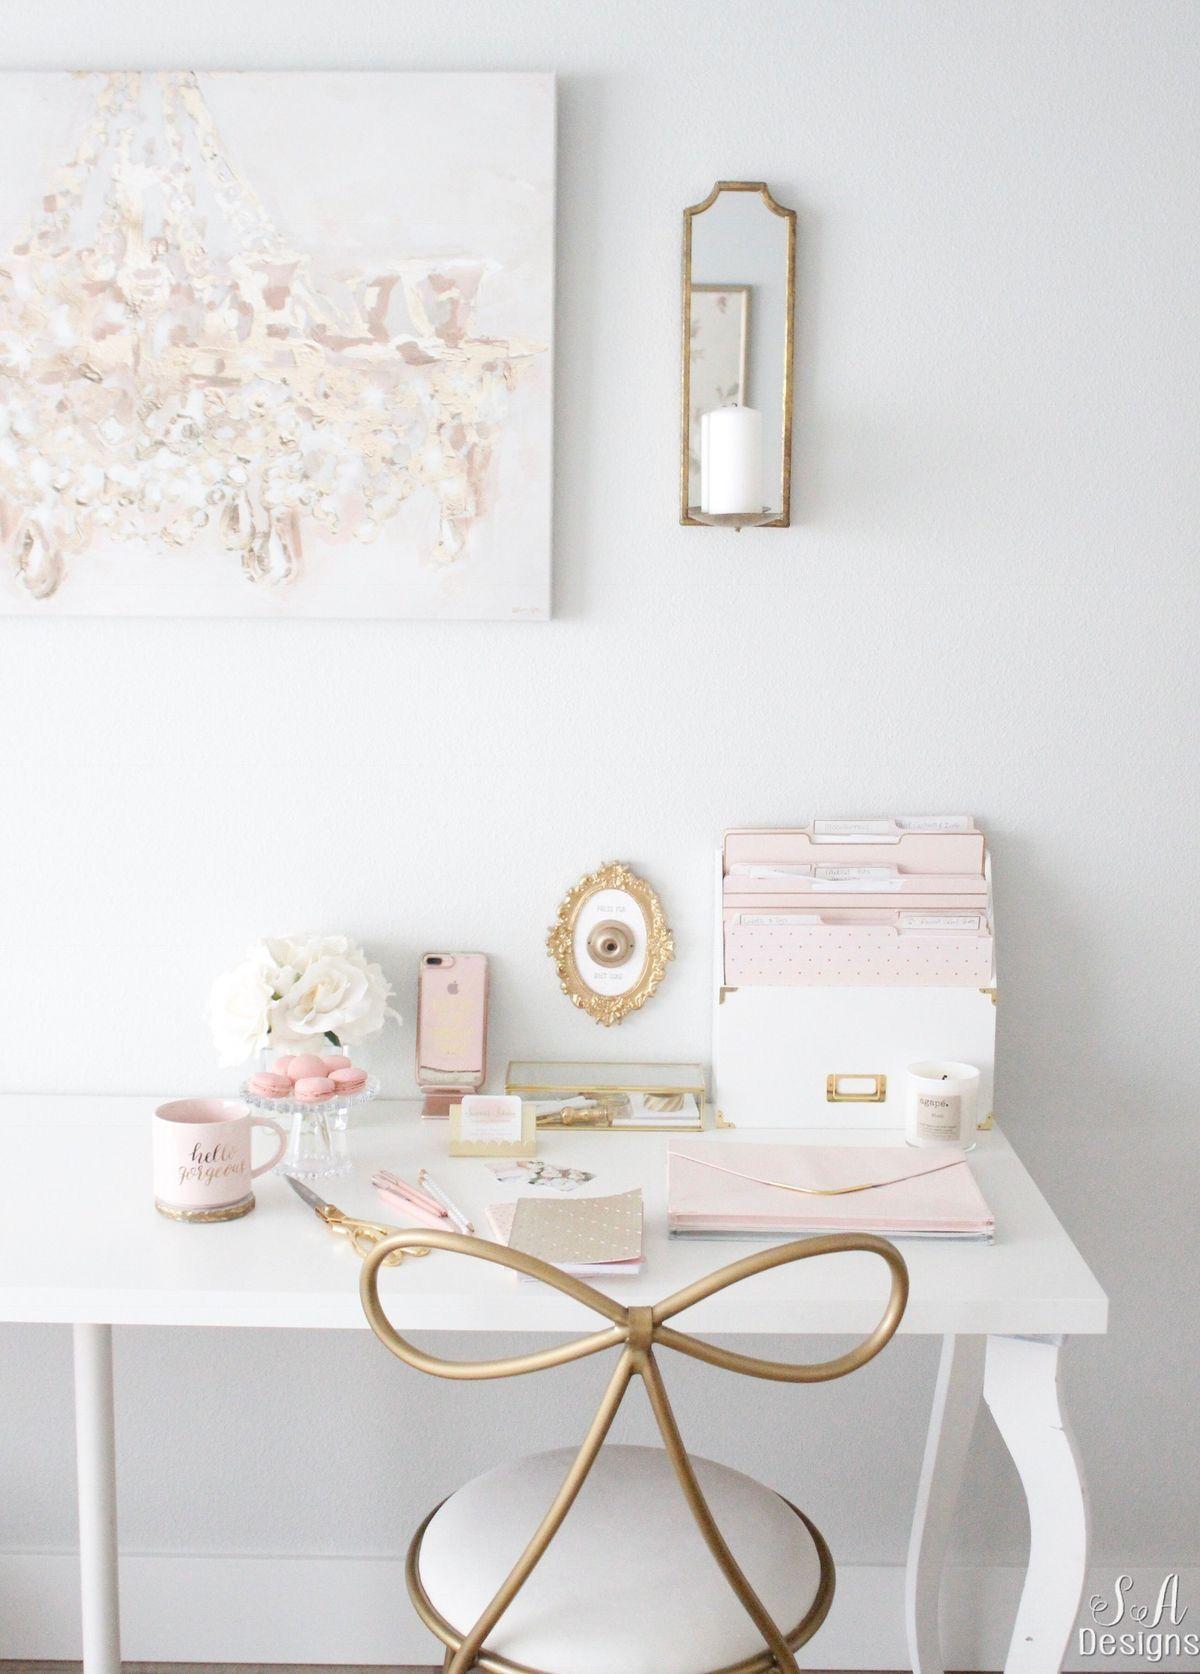 White desk Home decor Aesthetic Girly chair White